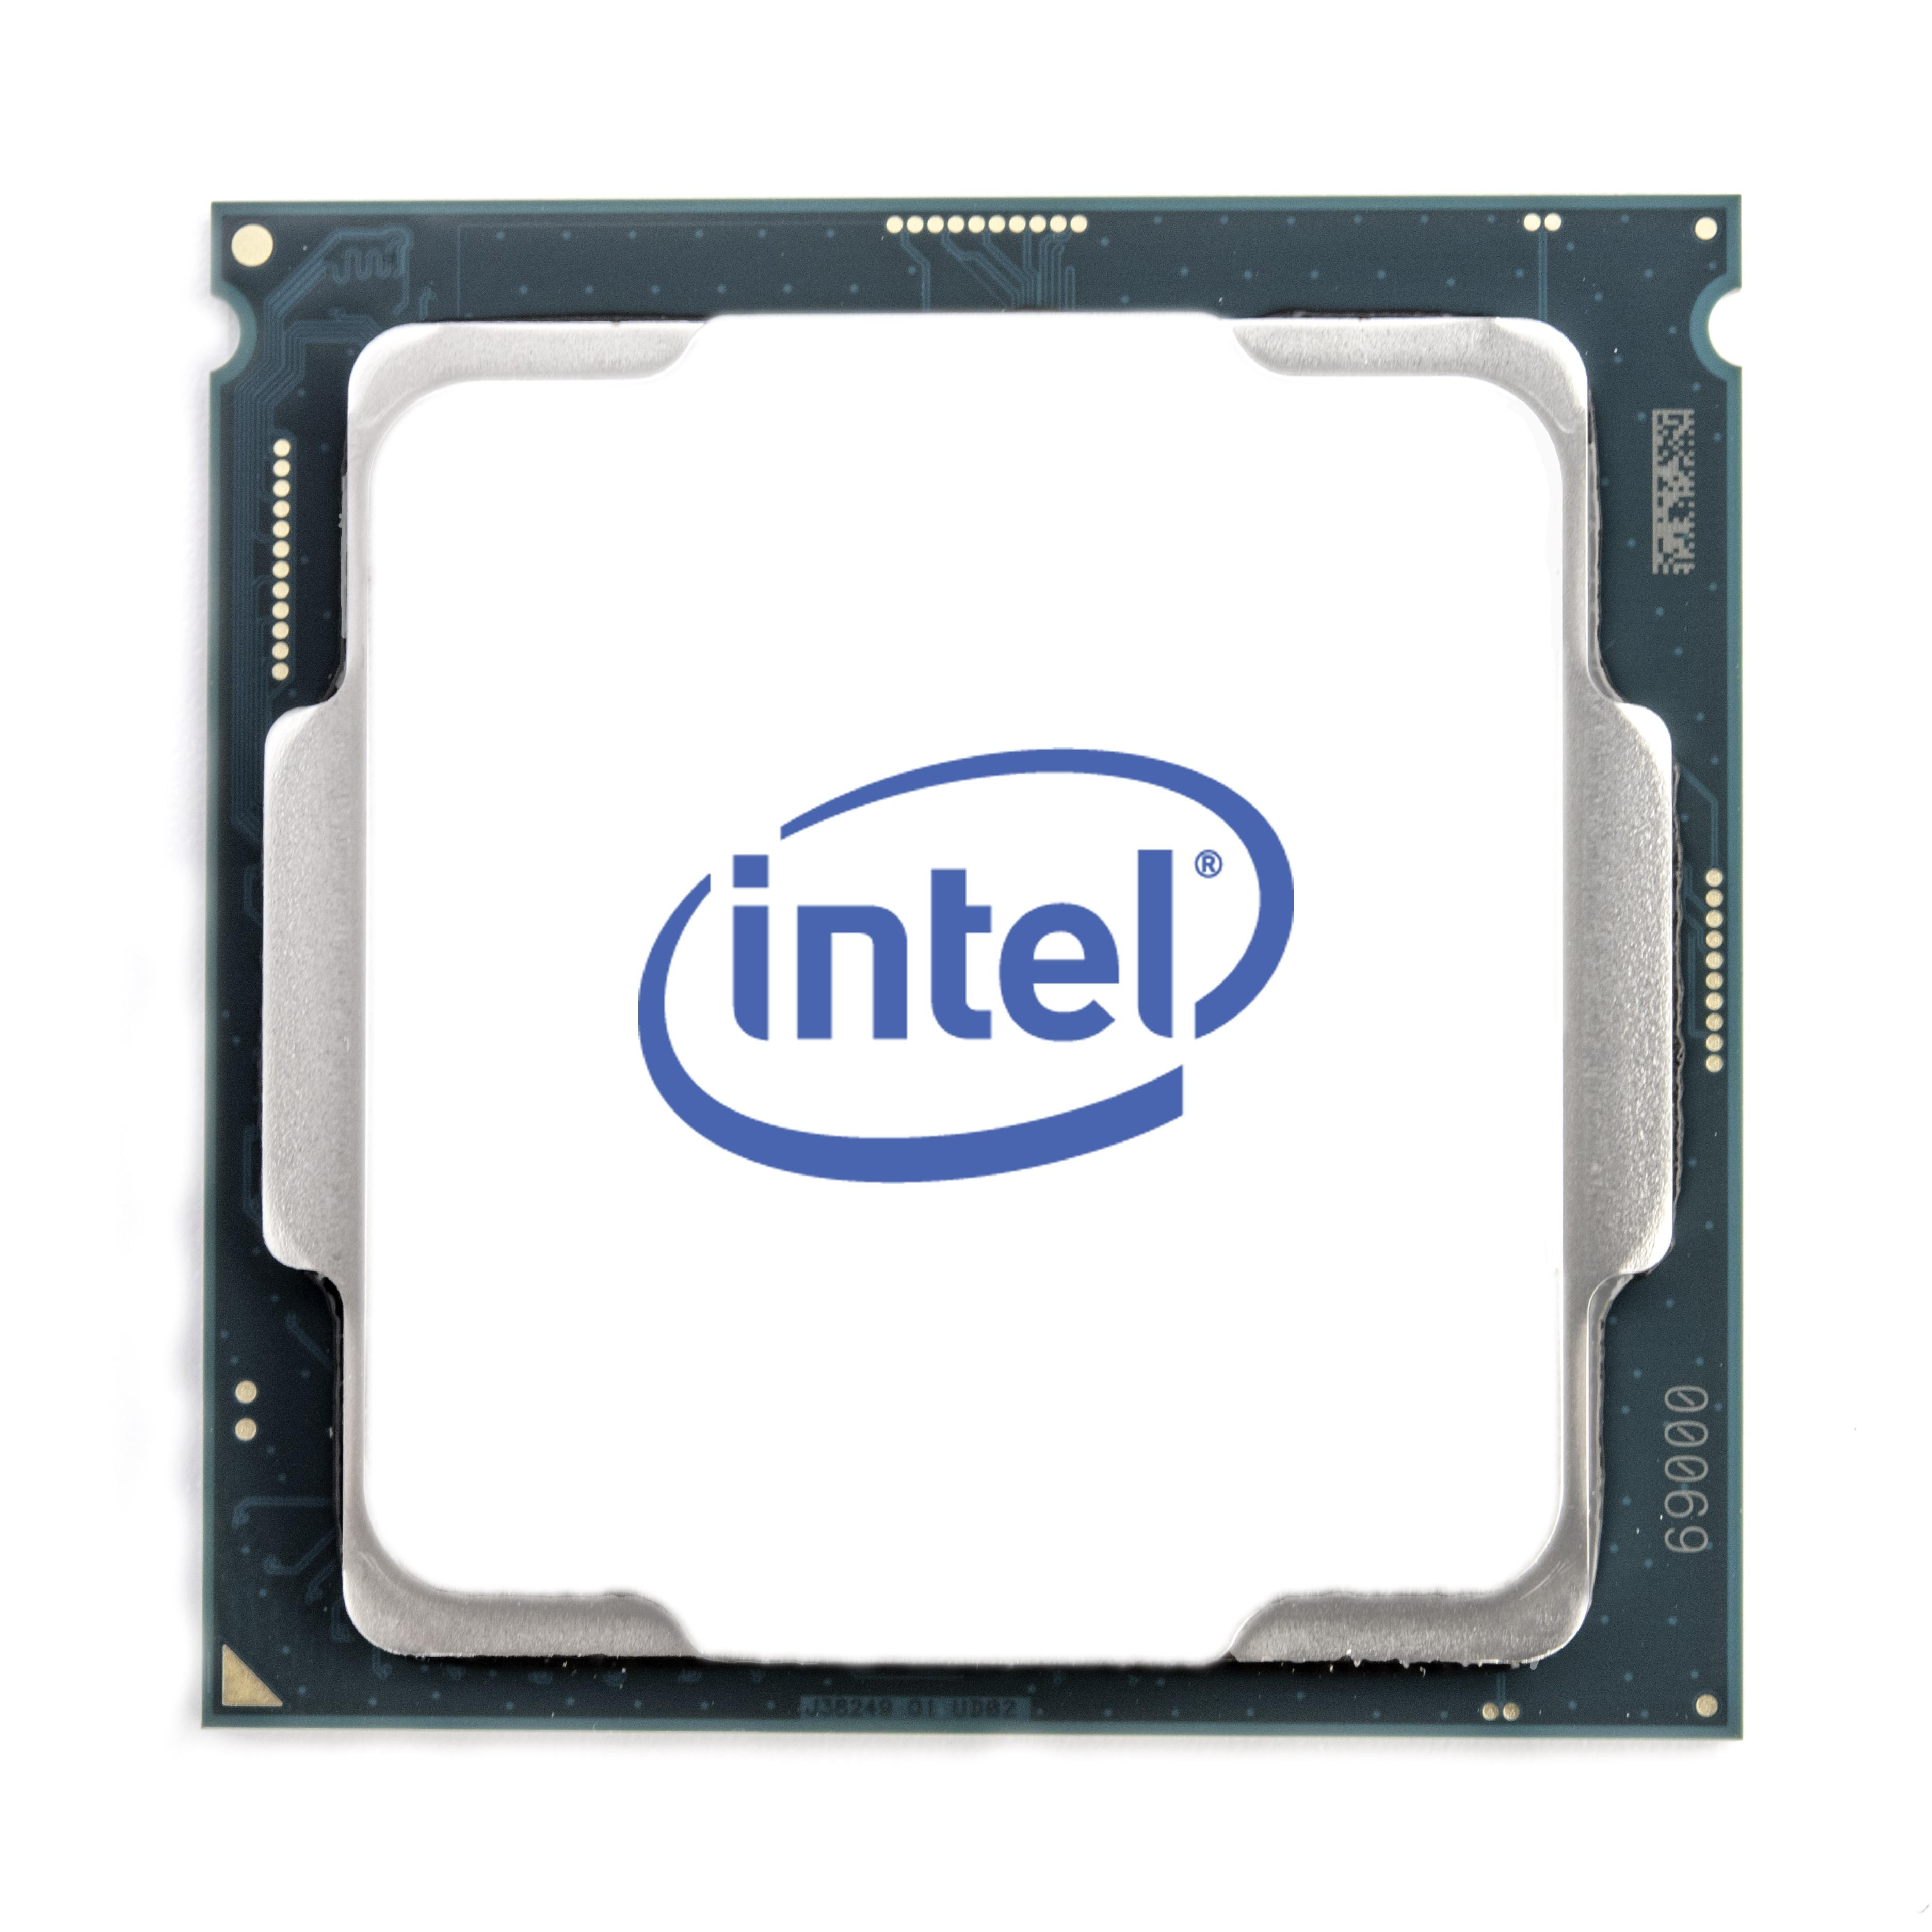 CPU Intel Core i7-10700 (2.9GHz turbo up to 4.8GHz, 8 nhân 16 luồng, 16MB Cache, 65W) - Socket Intel LGA 1200